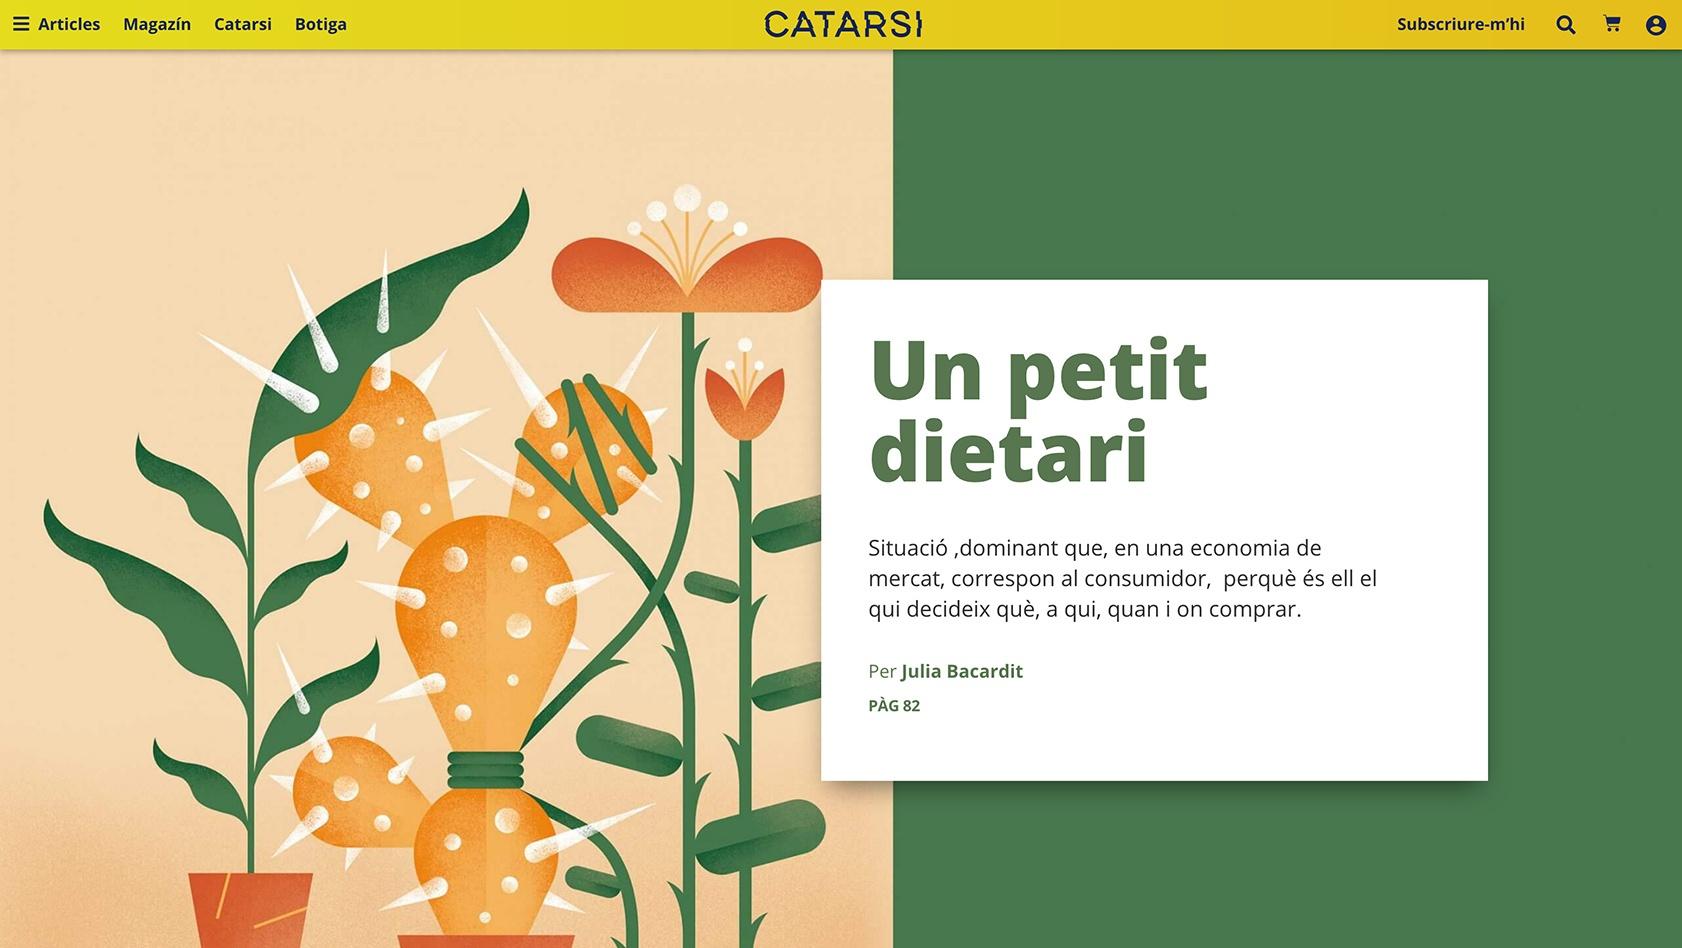 catarsi-magazin-disseny-web